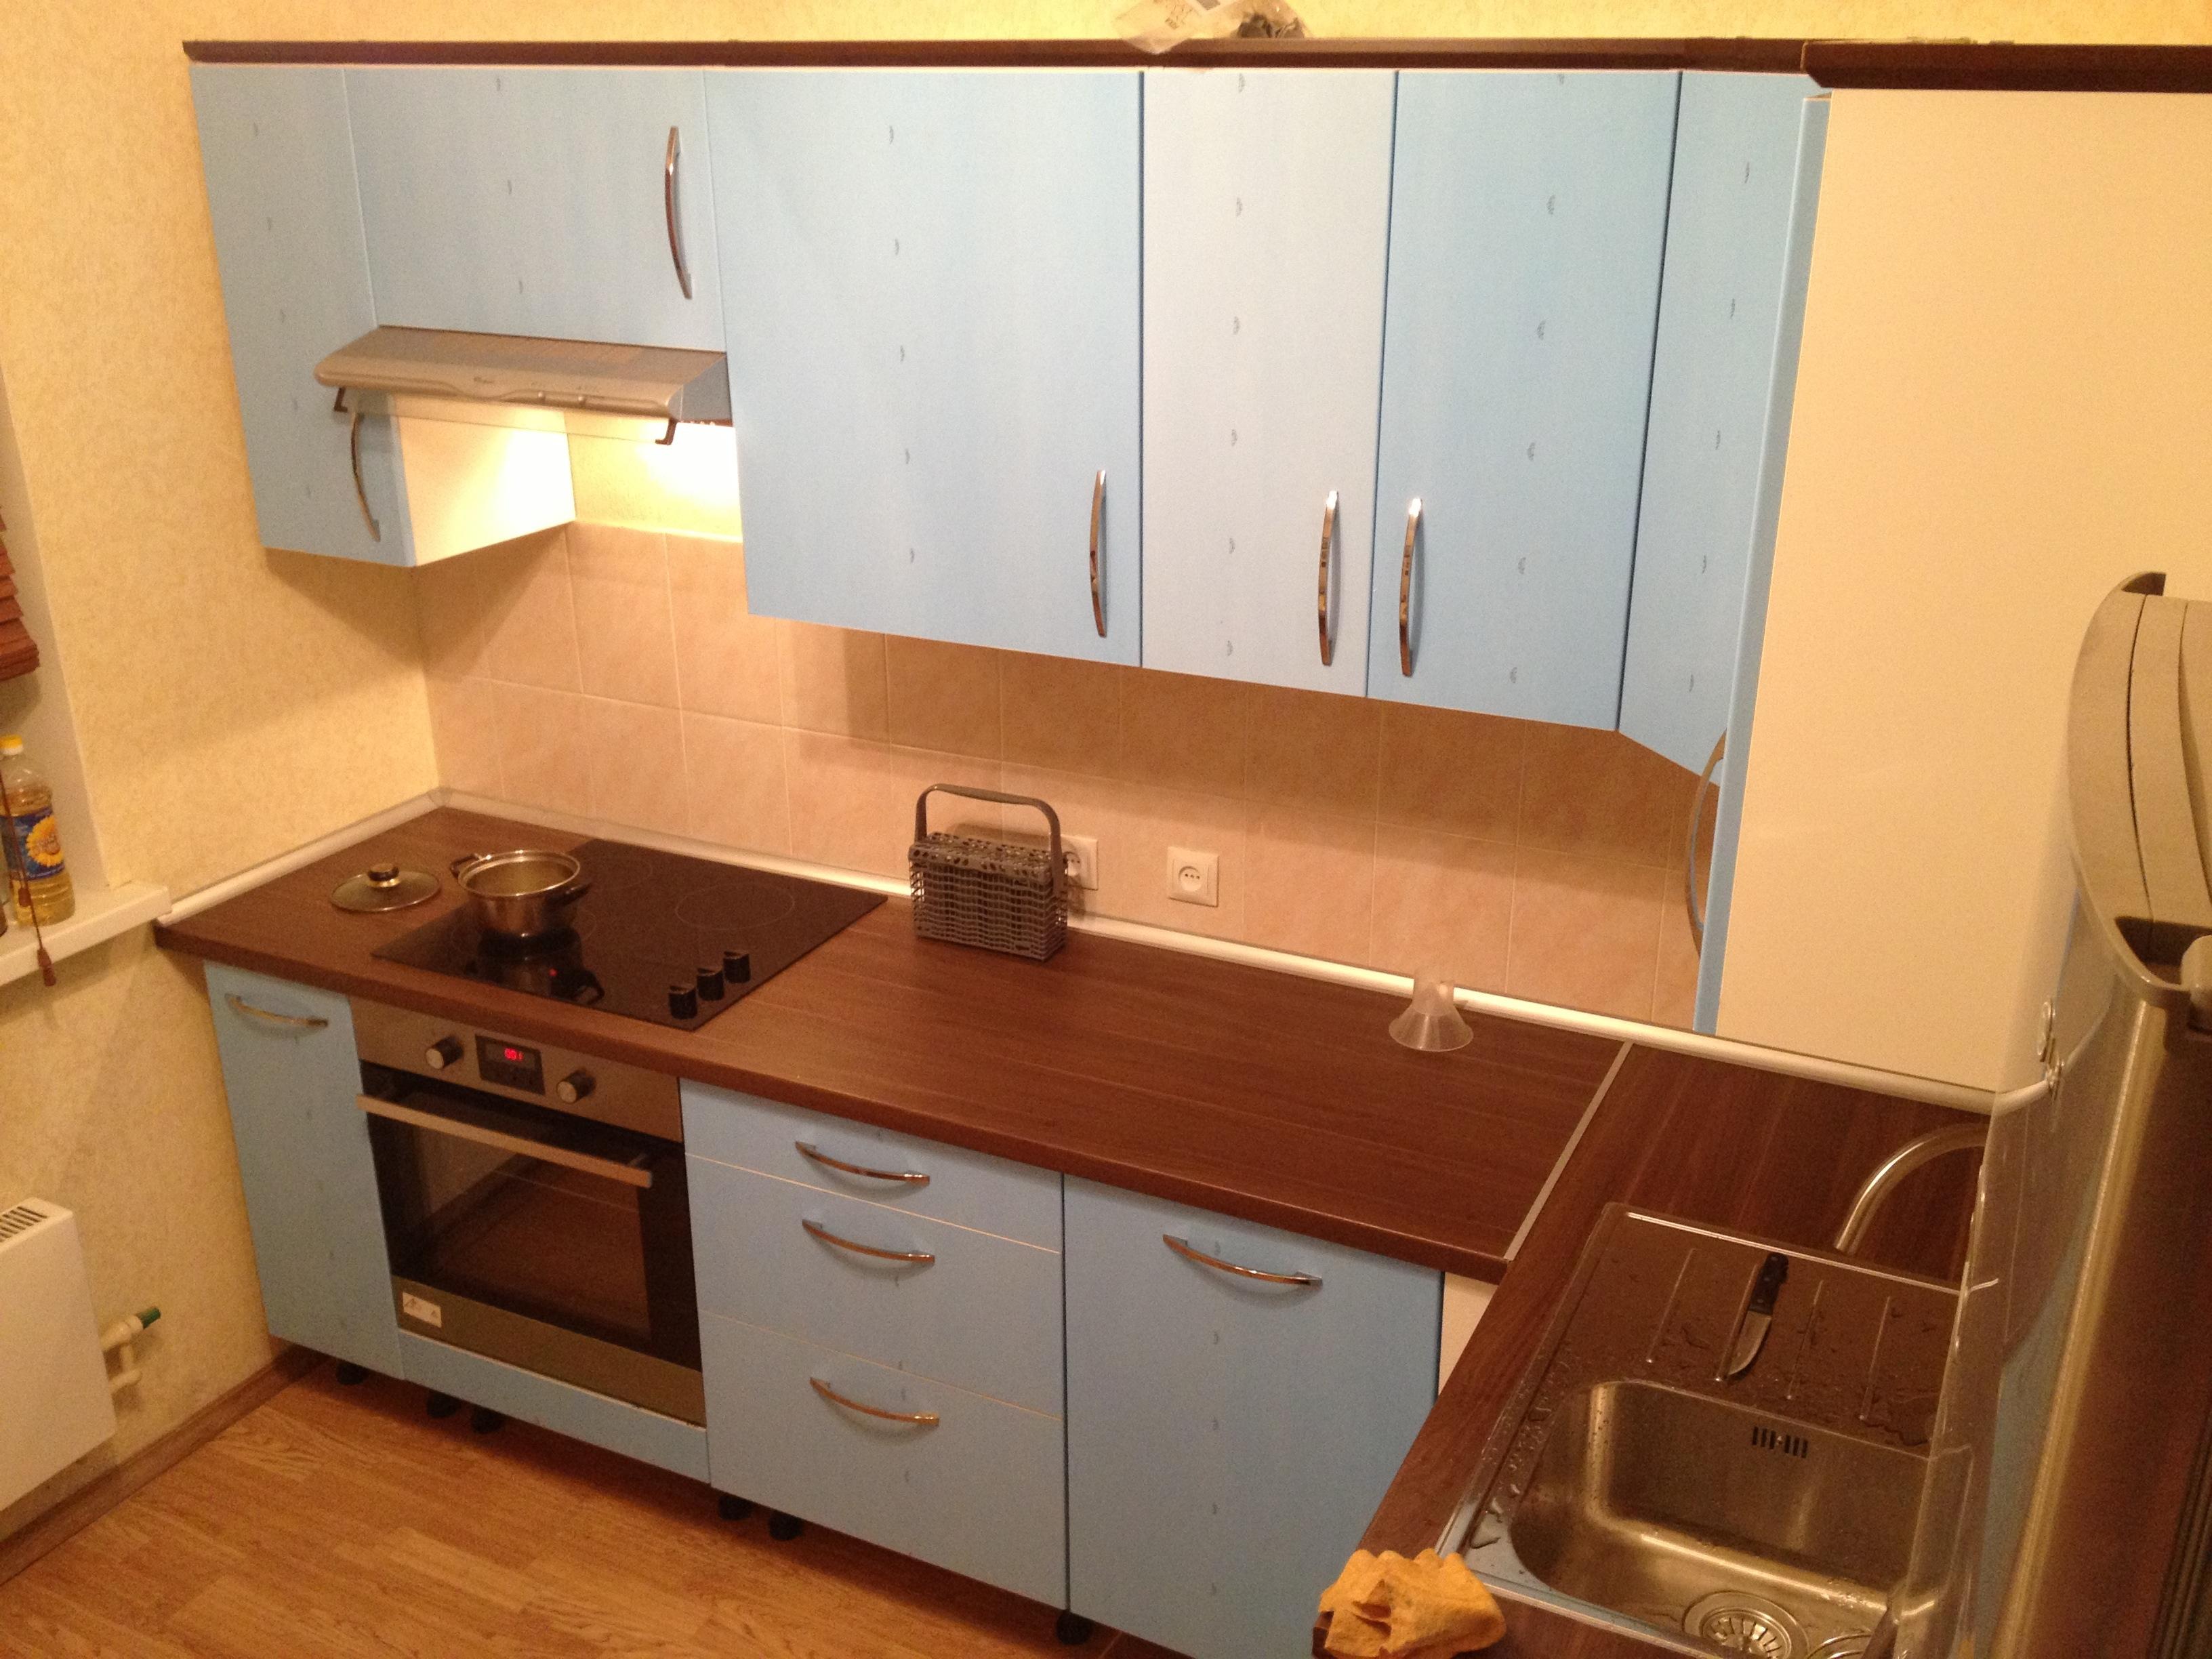 объявлений фото кто сделал кухню своими руками известково-мраморная штукатурка